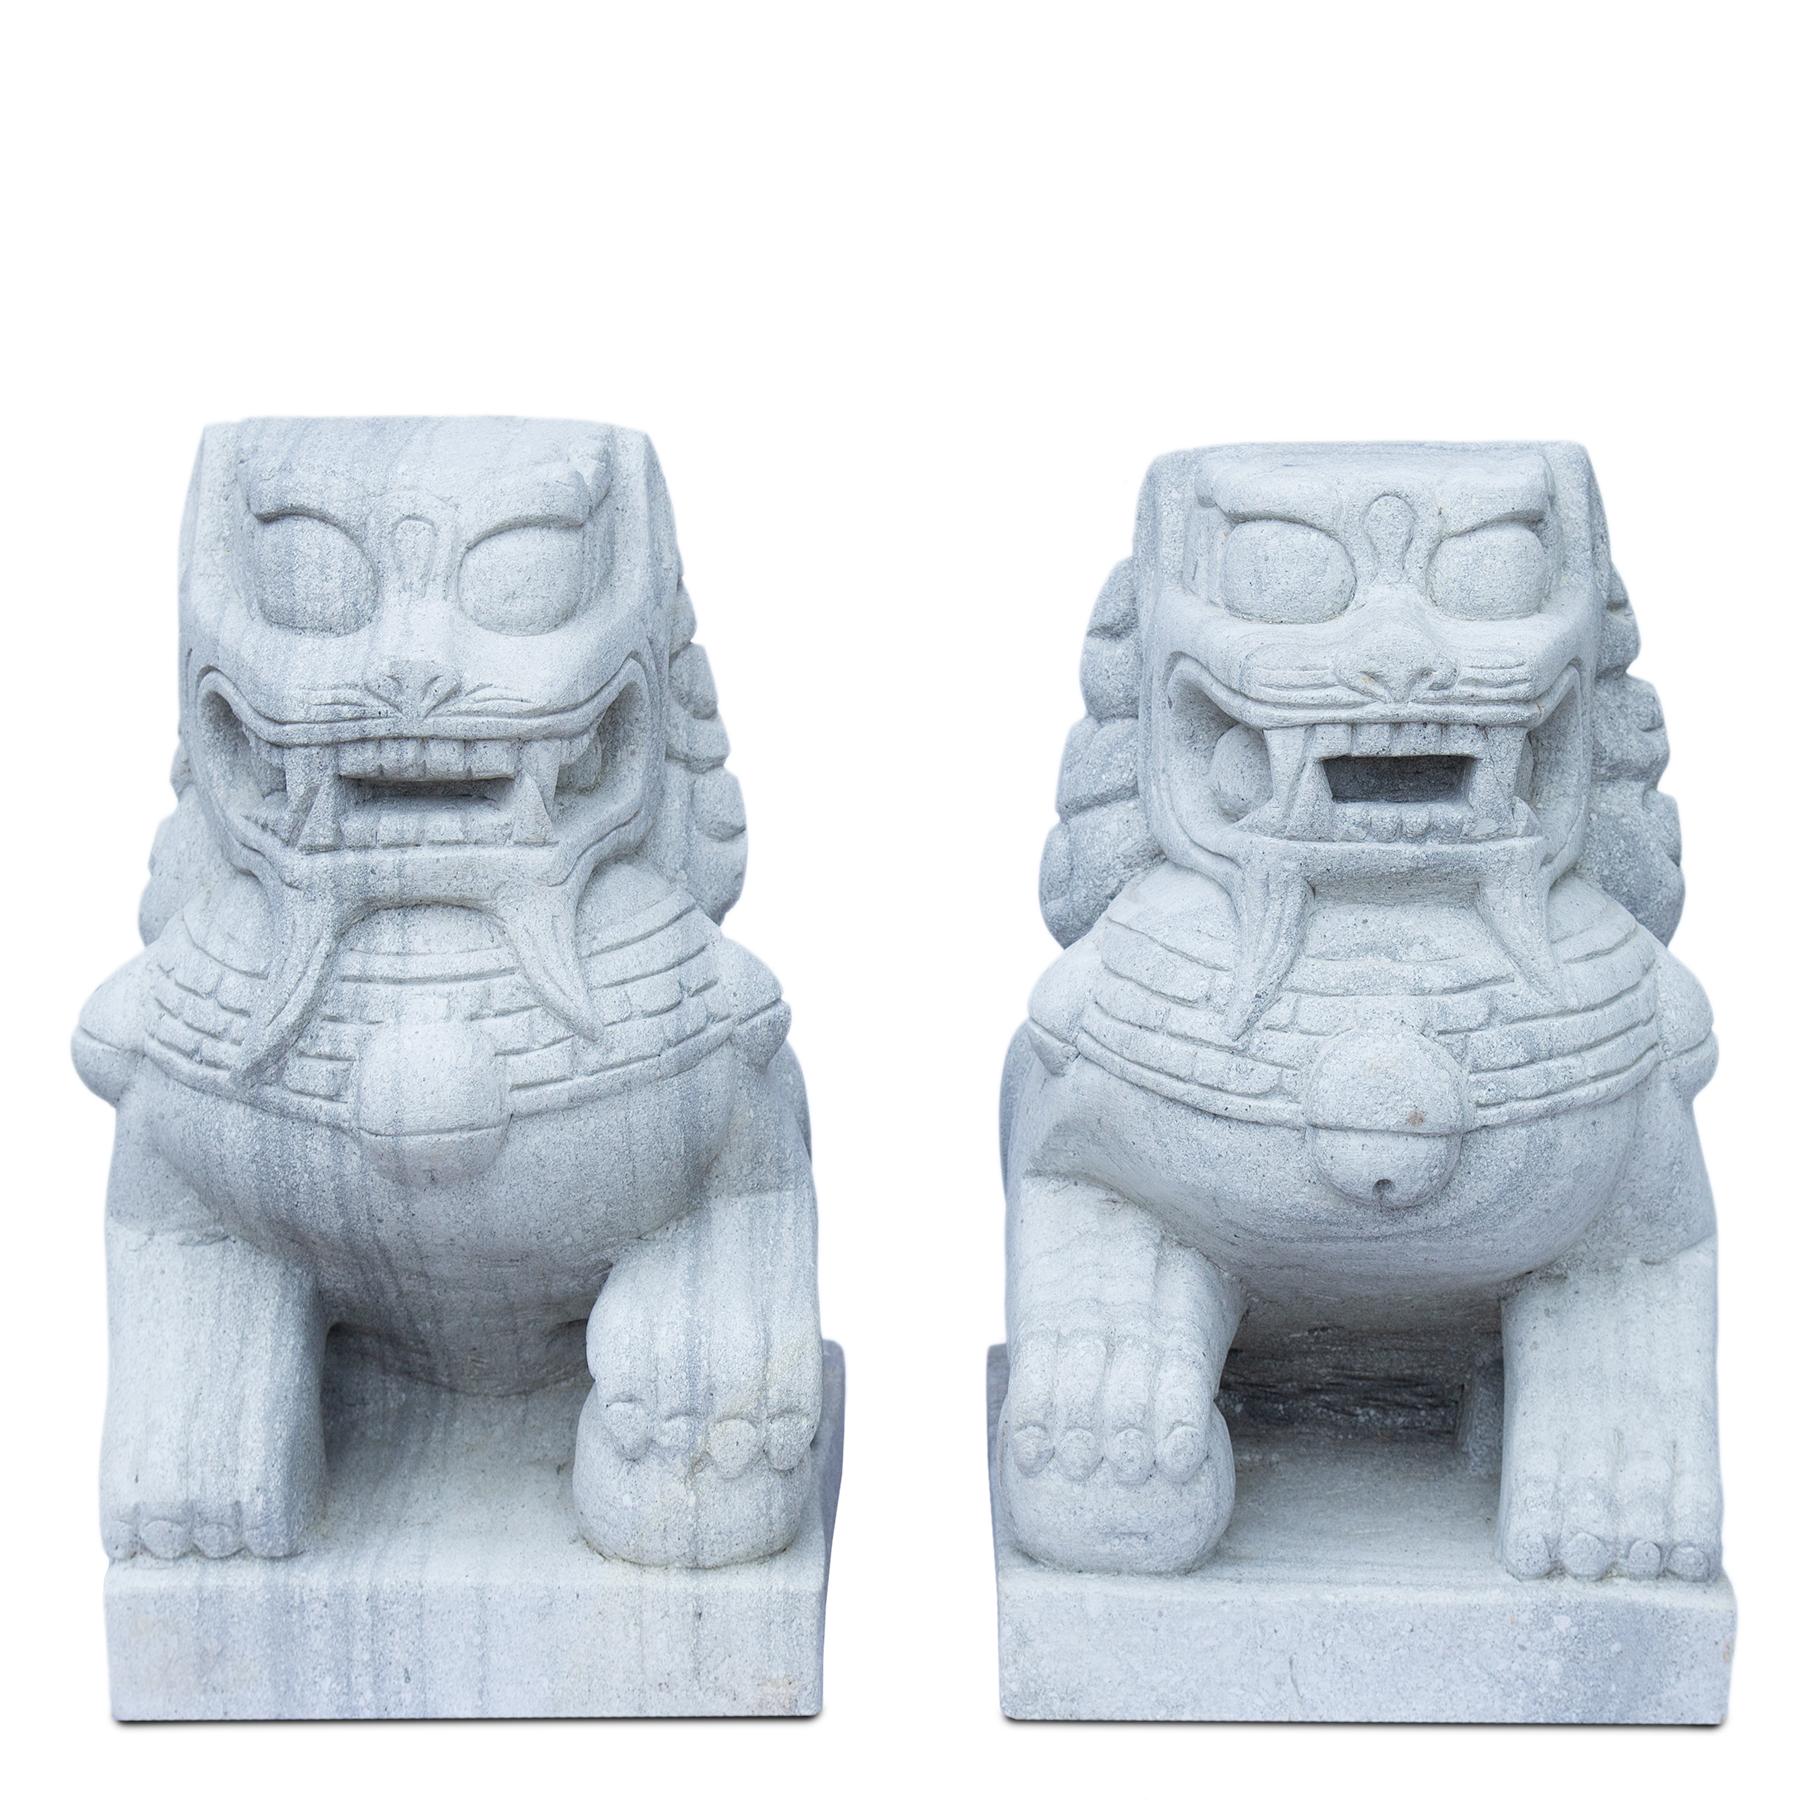 Fu Hunde Wächterlöwen Paar Skulptur Tempelwächter ca. 64 cm Wetterfest Stein-Gemisch massiv Grau